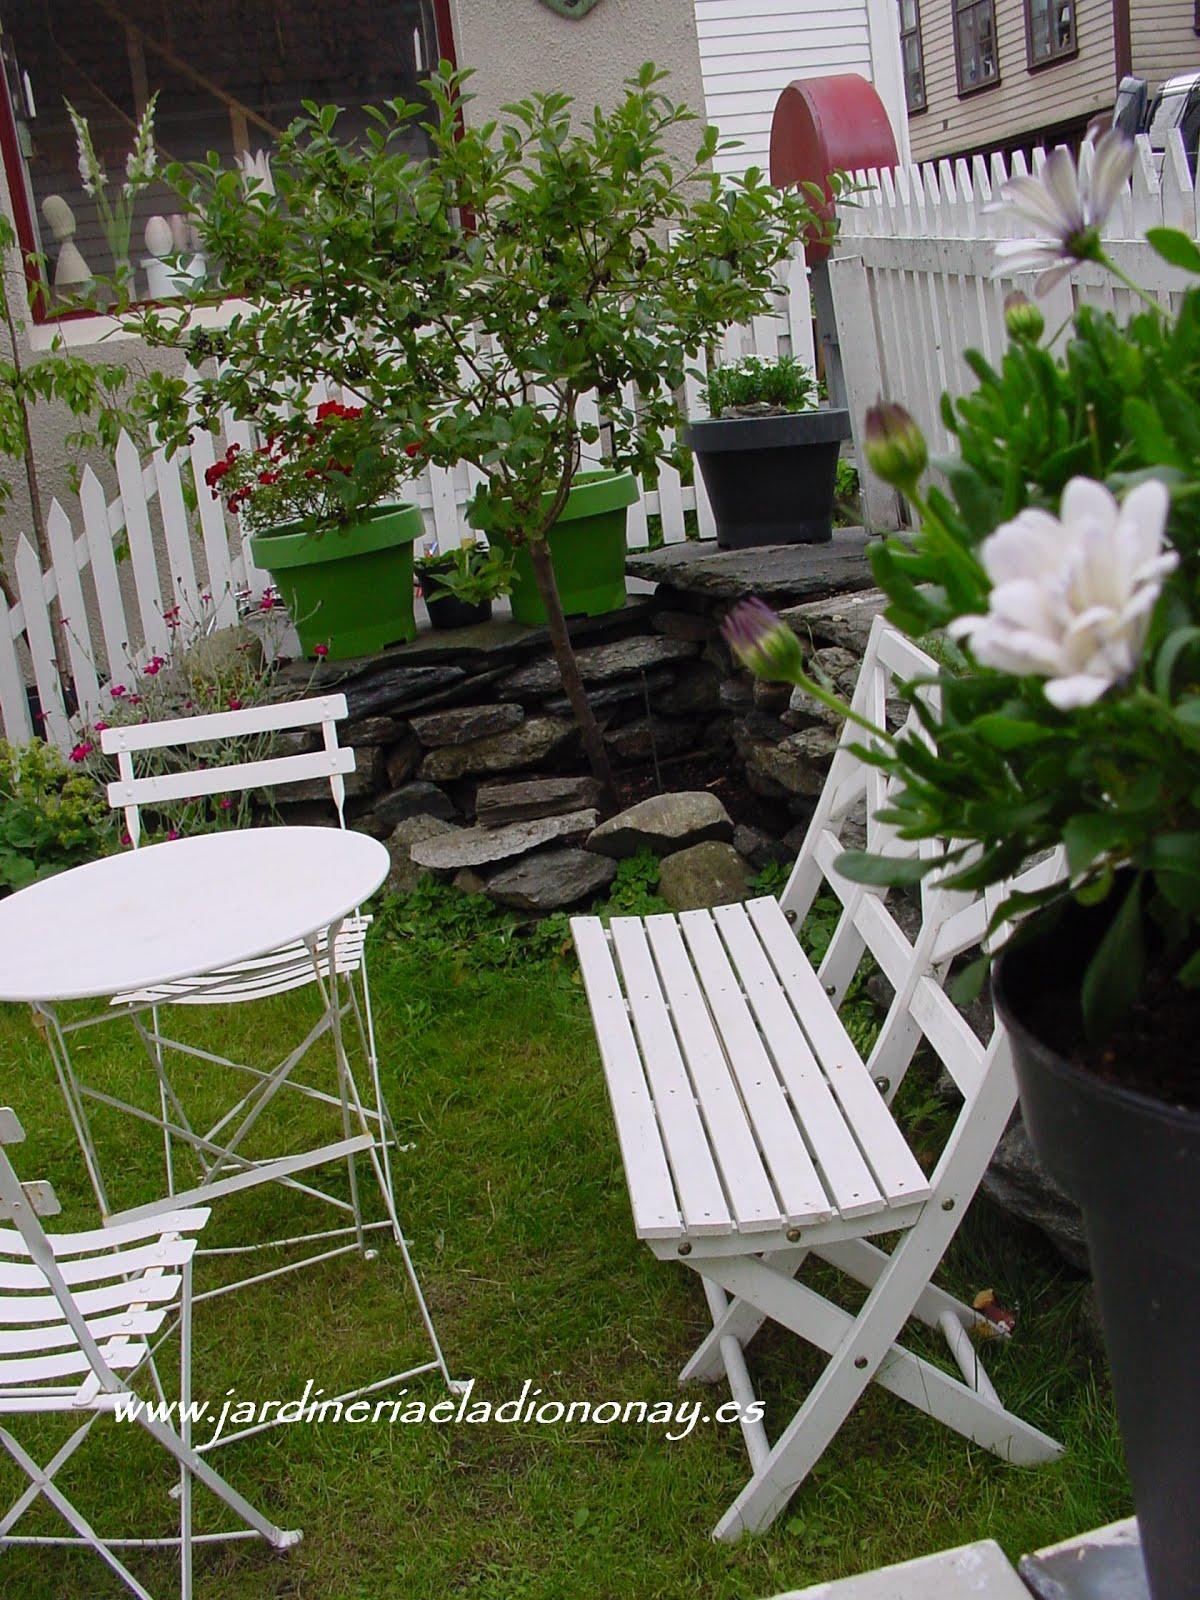 Jardineria eladio nonay verde y blanco en un jard n for El jardin acordes